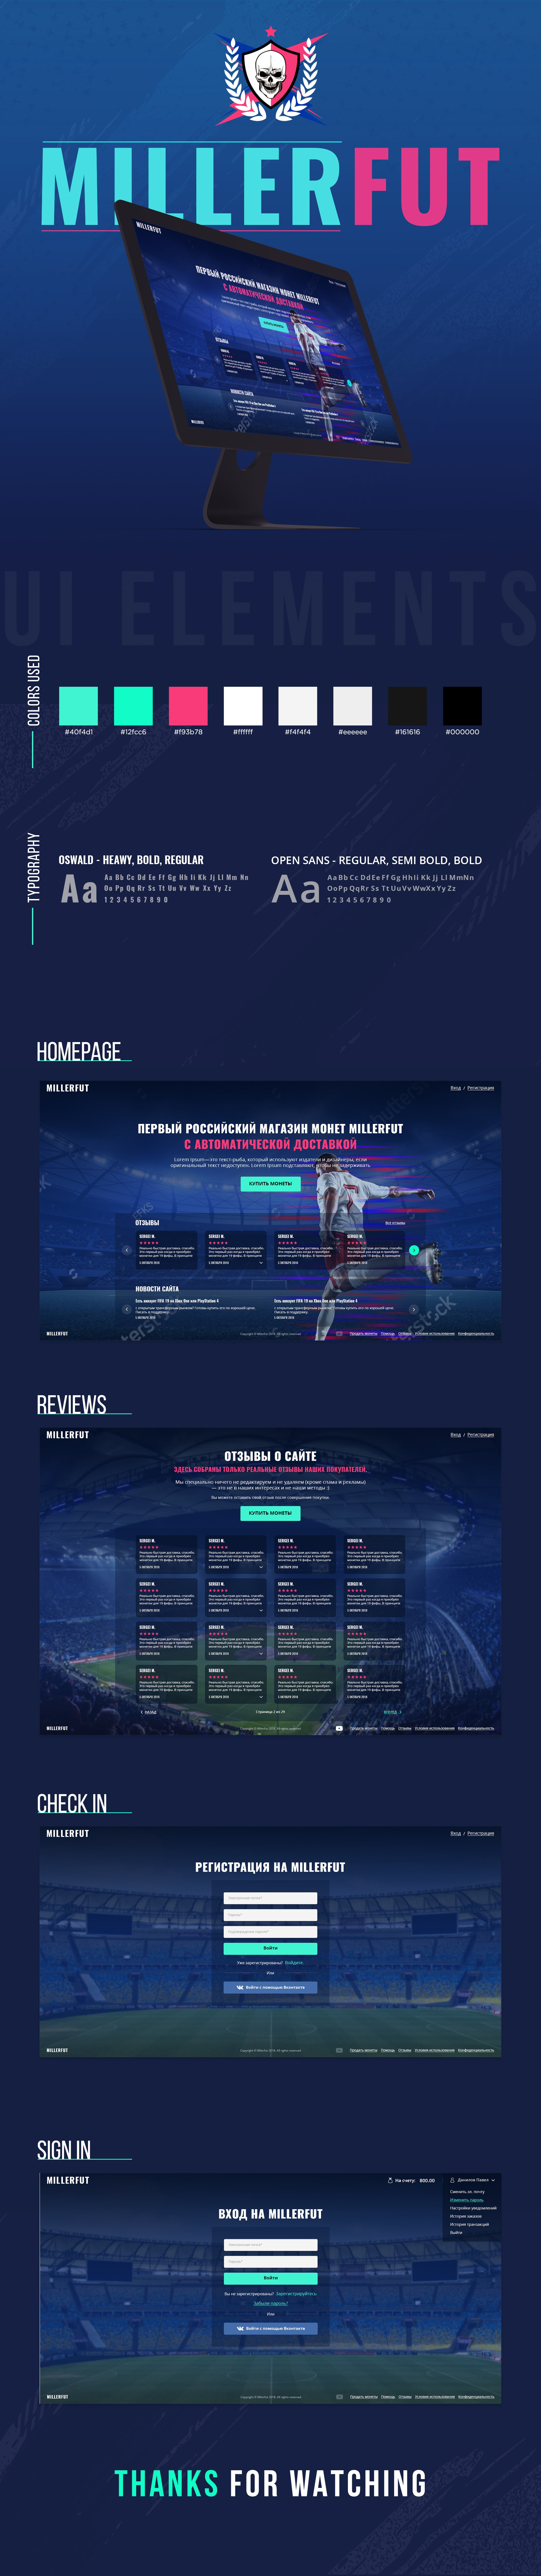 Дизайн для продажи игровой валюты, разработка логотипа